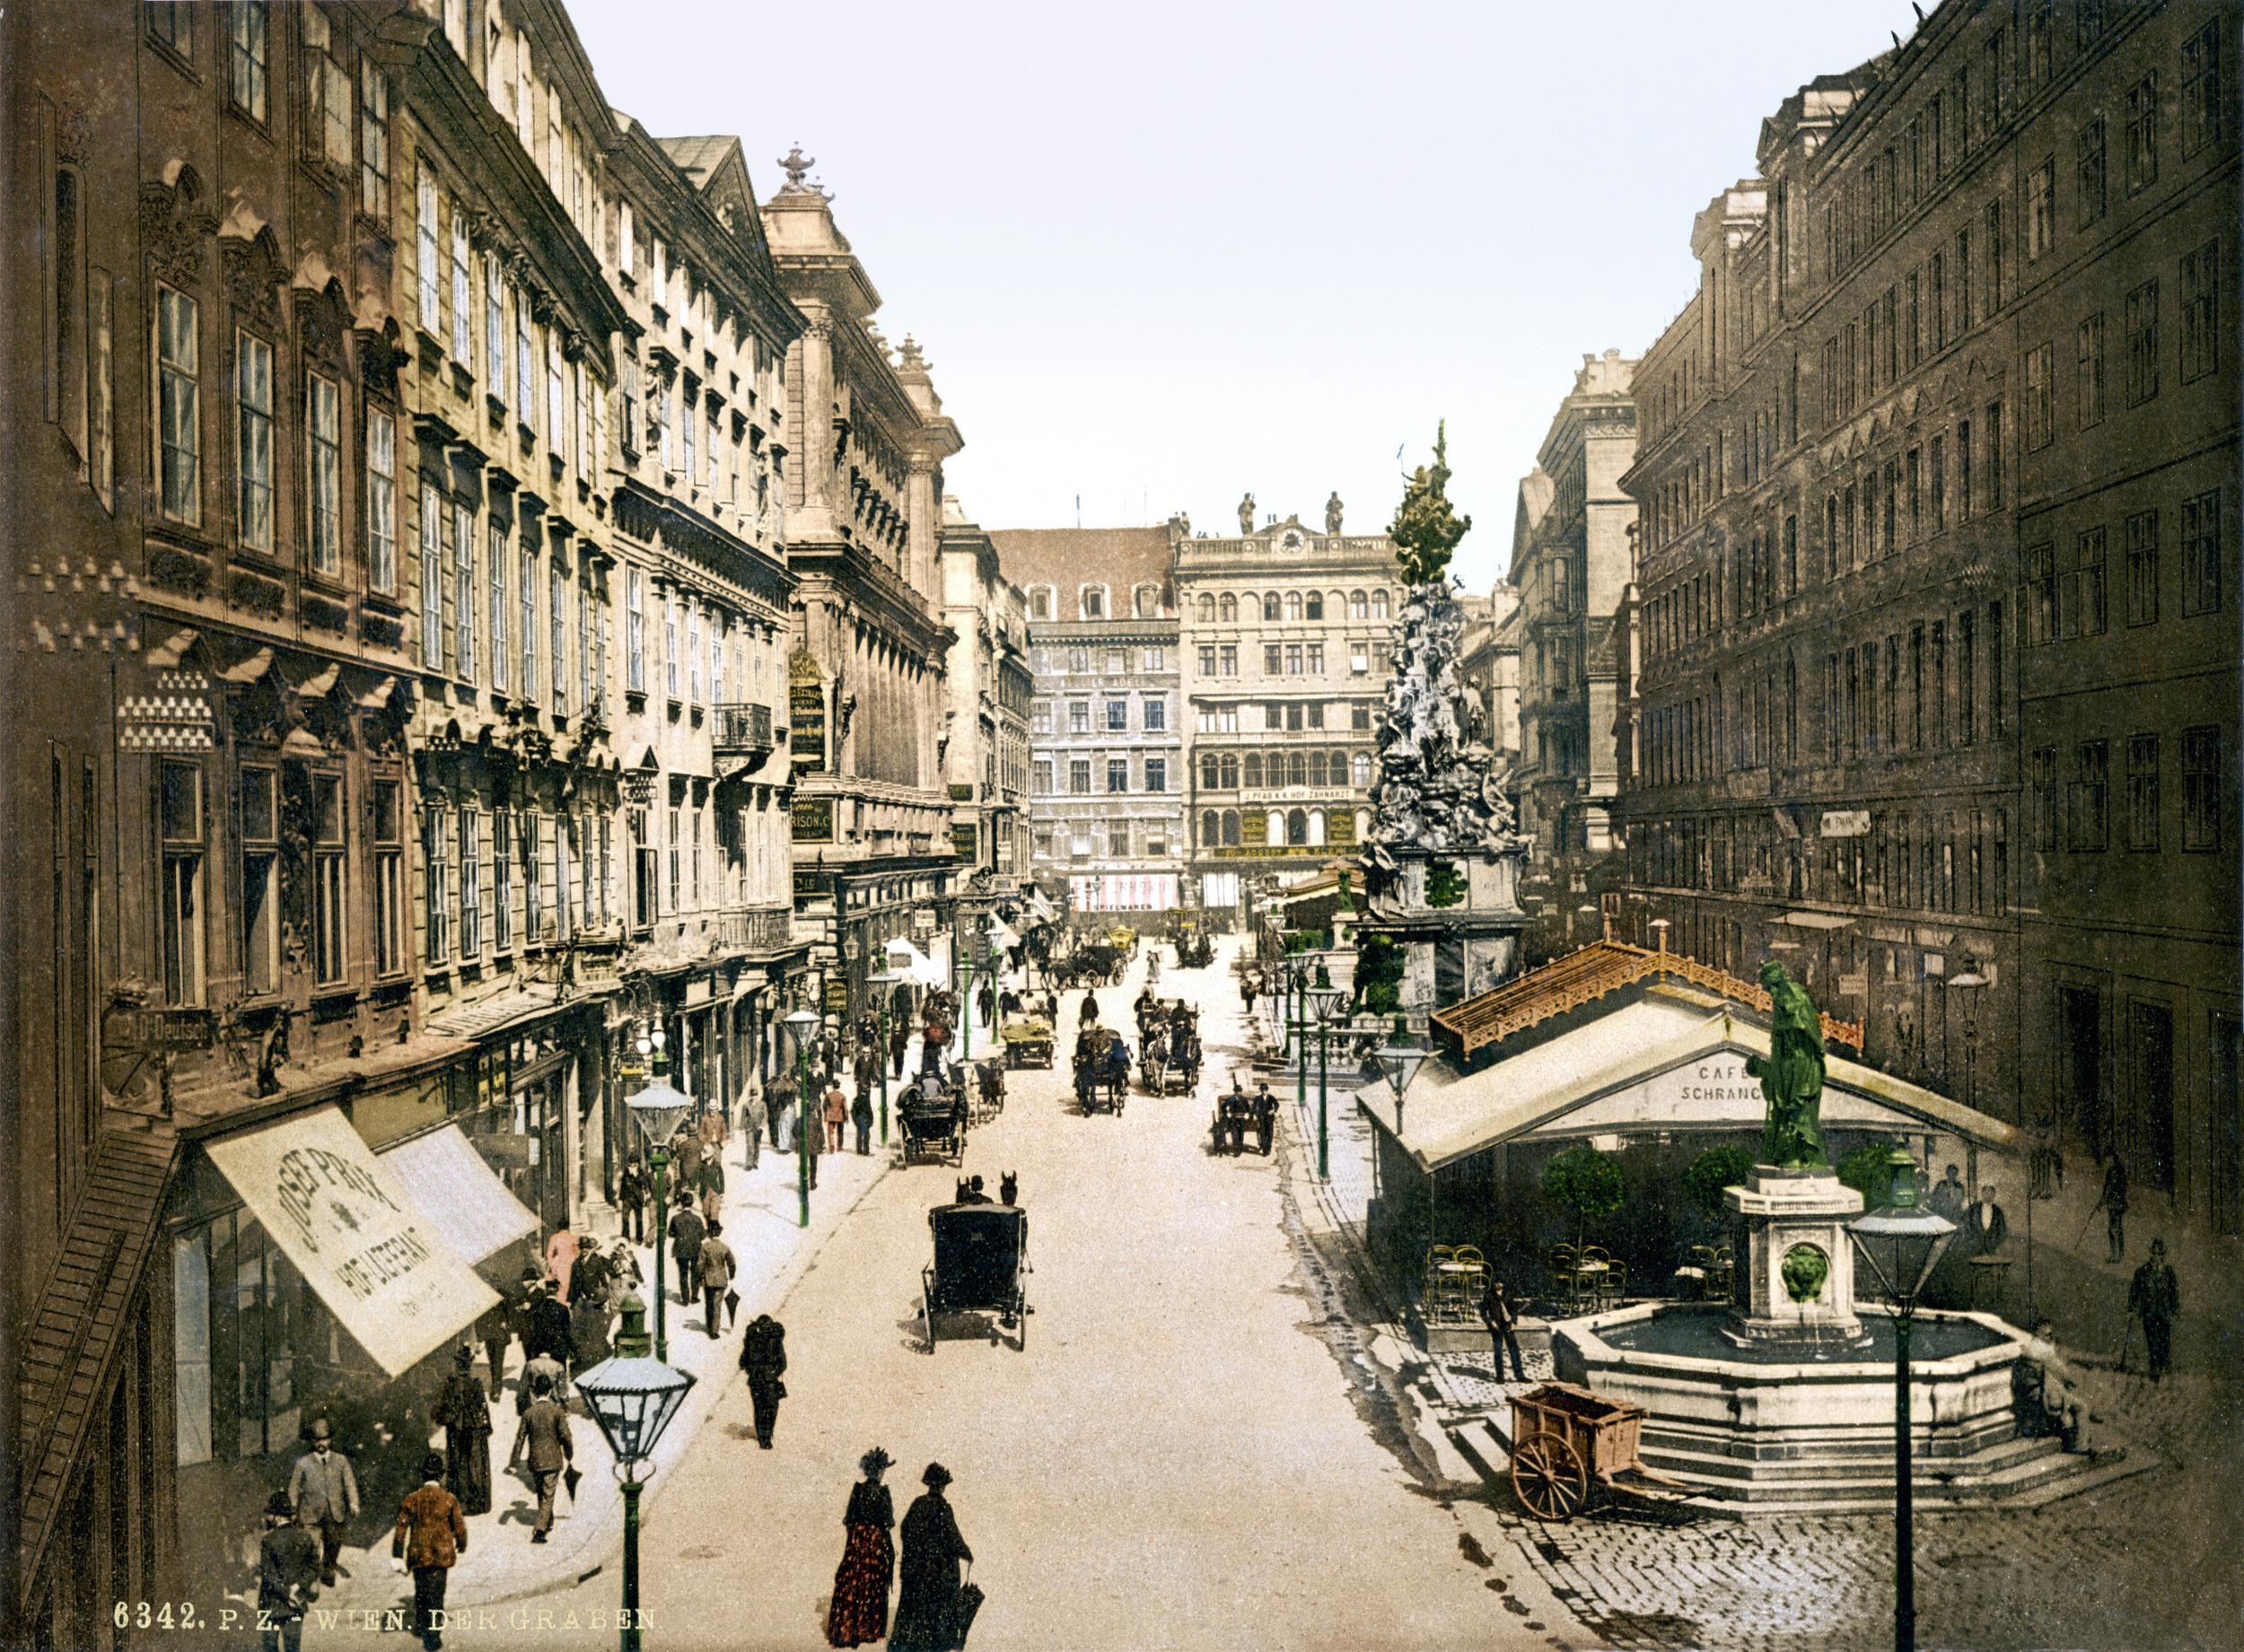 Flickr_-_…trialsanderrors_-_The_Graben,_Vienna,_Austria-Hungary,_ca._1895.jpg